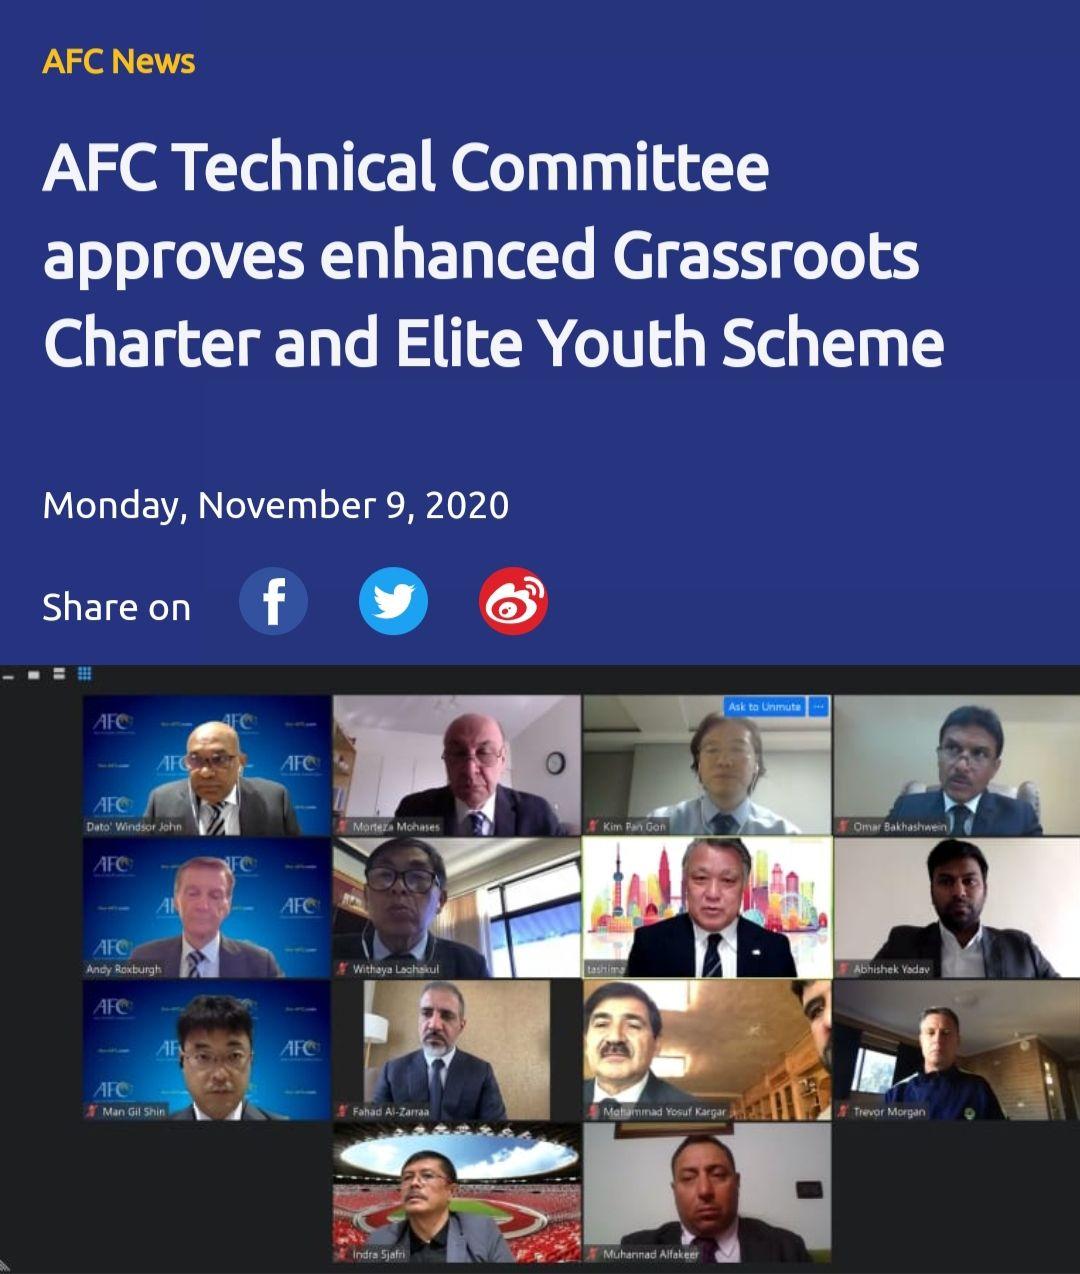 Sumber: the-afc.com